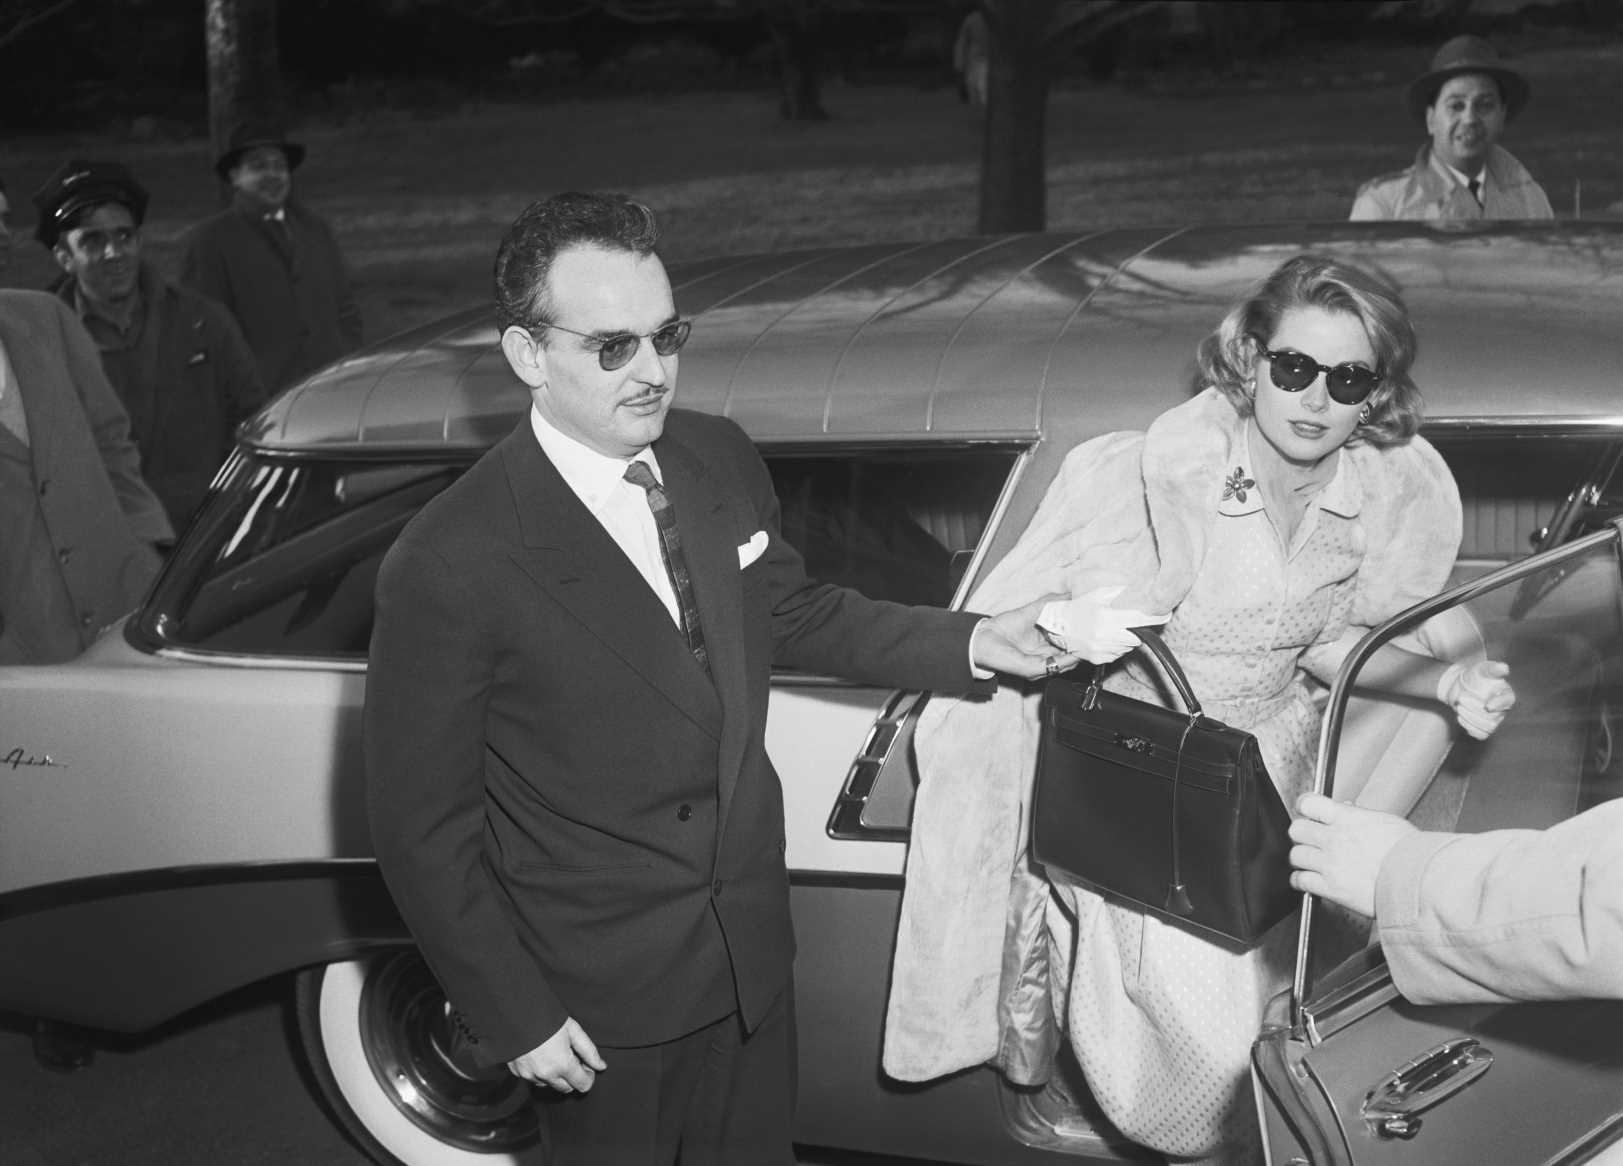 El Kelly de Hermès: el bolso icónico más buscado del momento